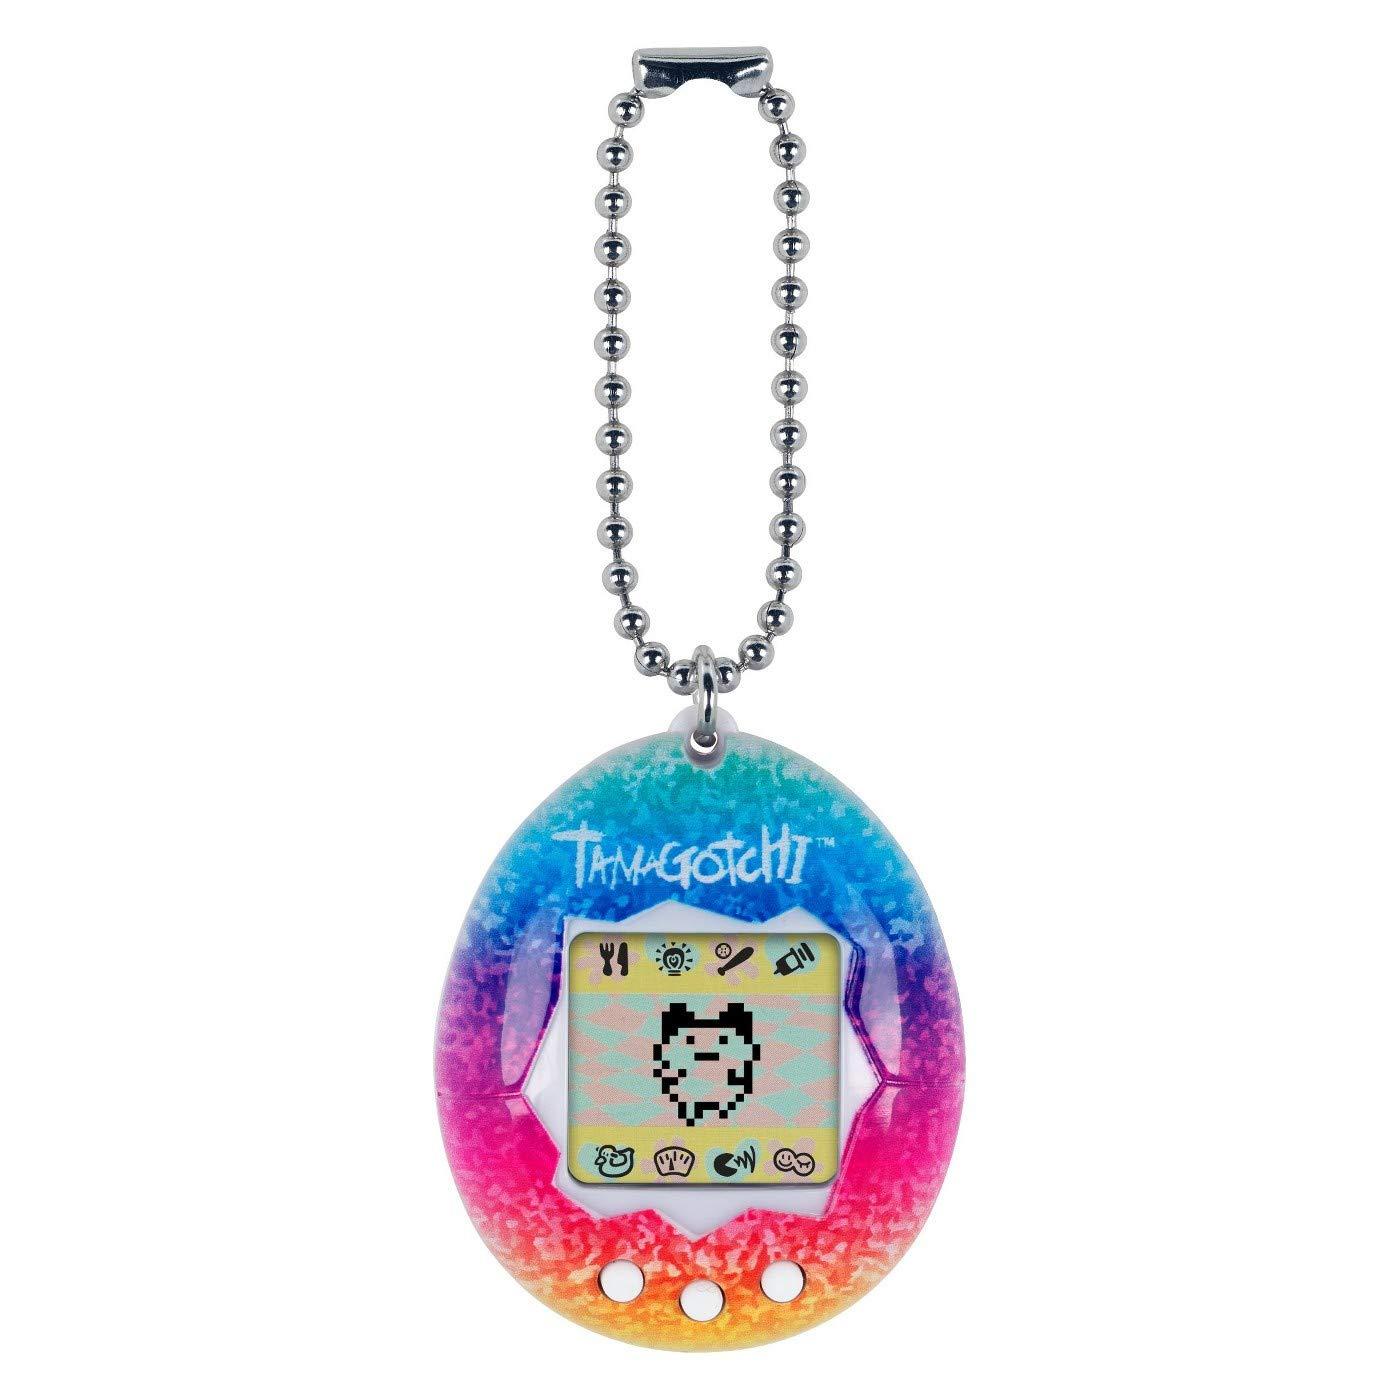 Tamagotchi Electronic Game, Rainbow by Tamagotchi (Image #1)